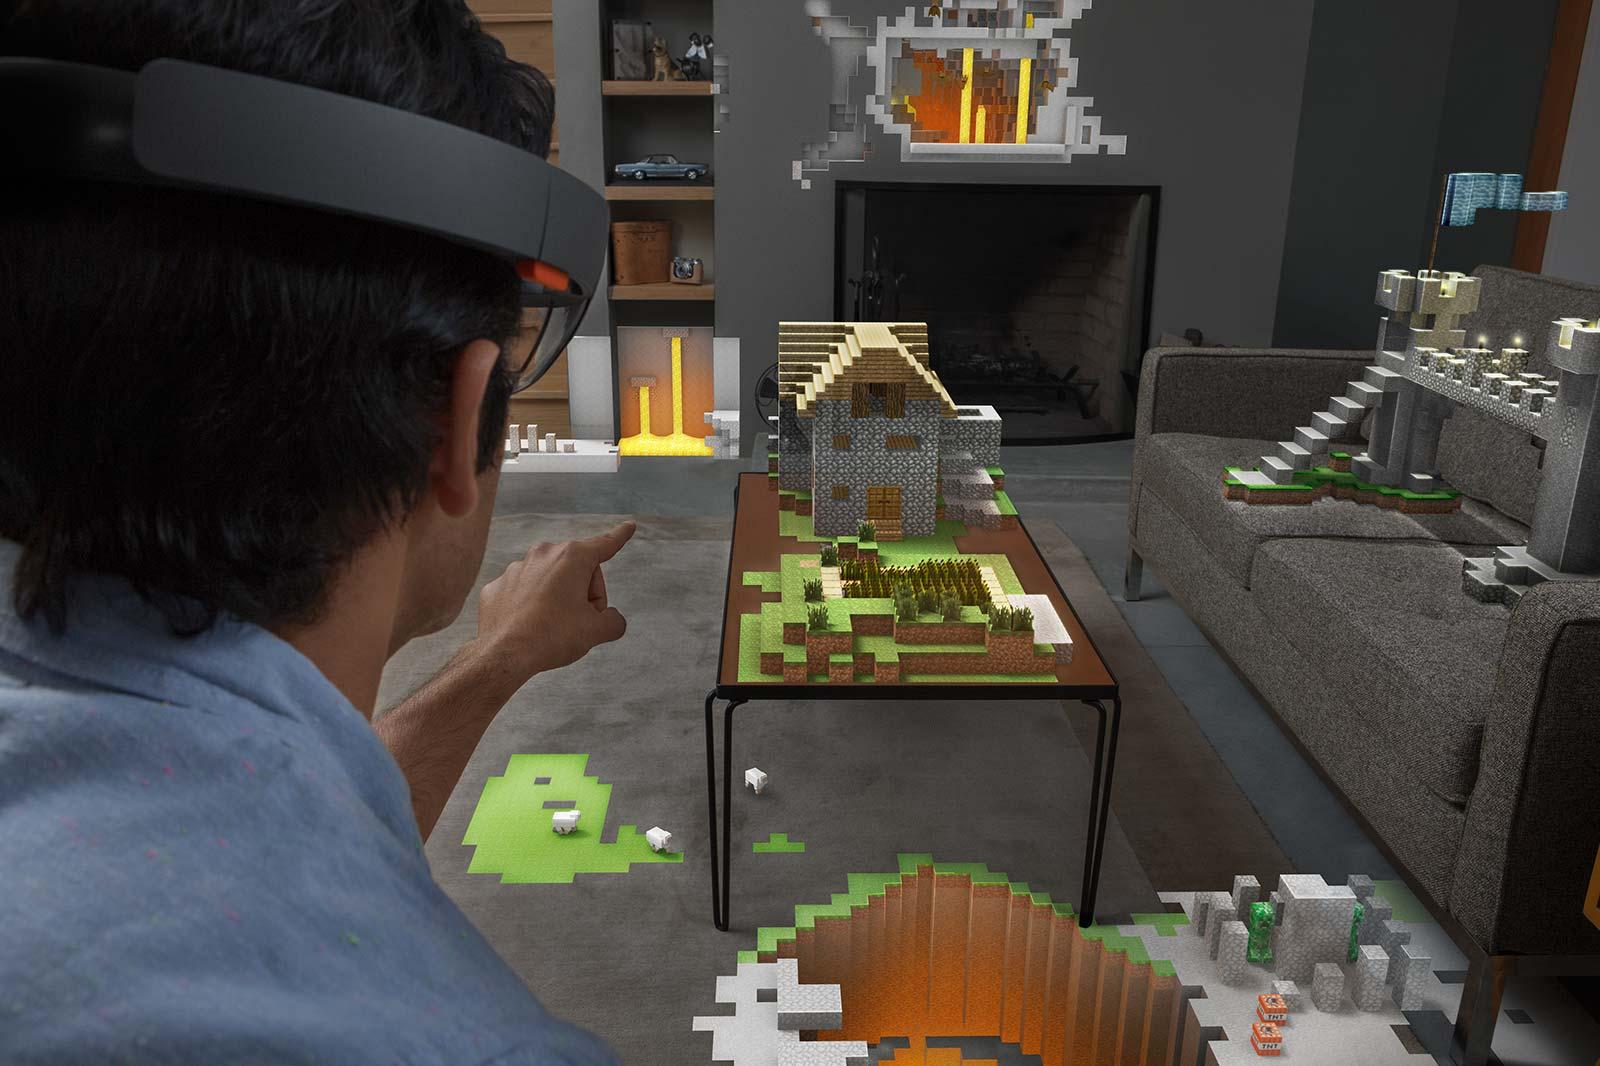 Réalité augmentée : Google travaille sur un concurrent de Microsoft Hololens